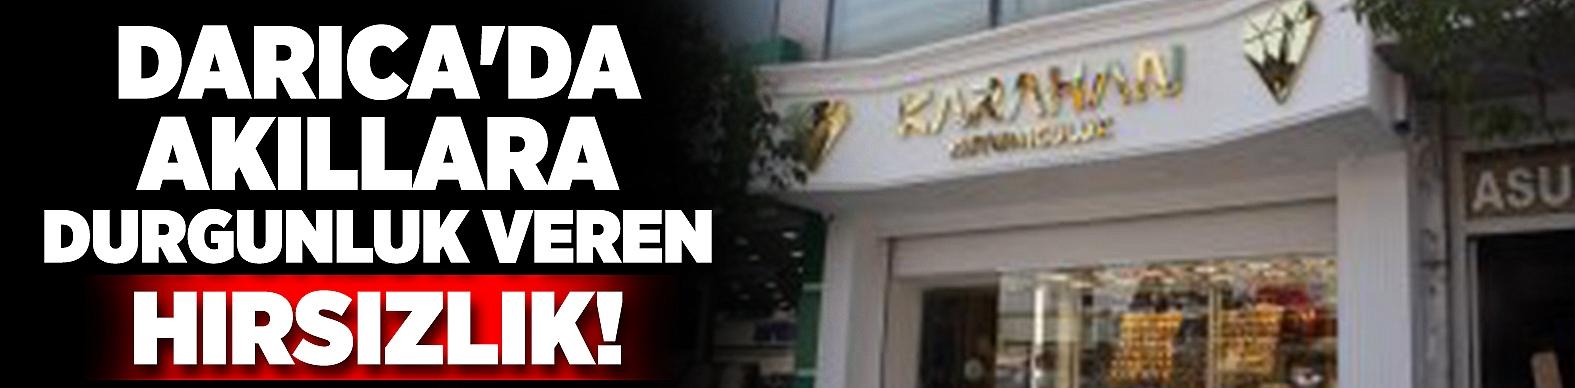 Darıca'da Akıllara Durgunluk Veren Hırsızlık!